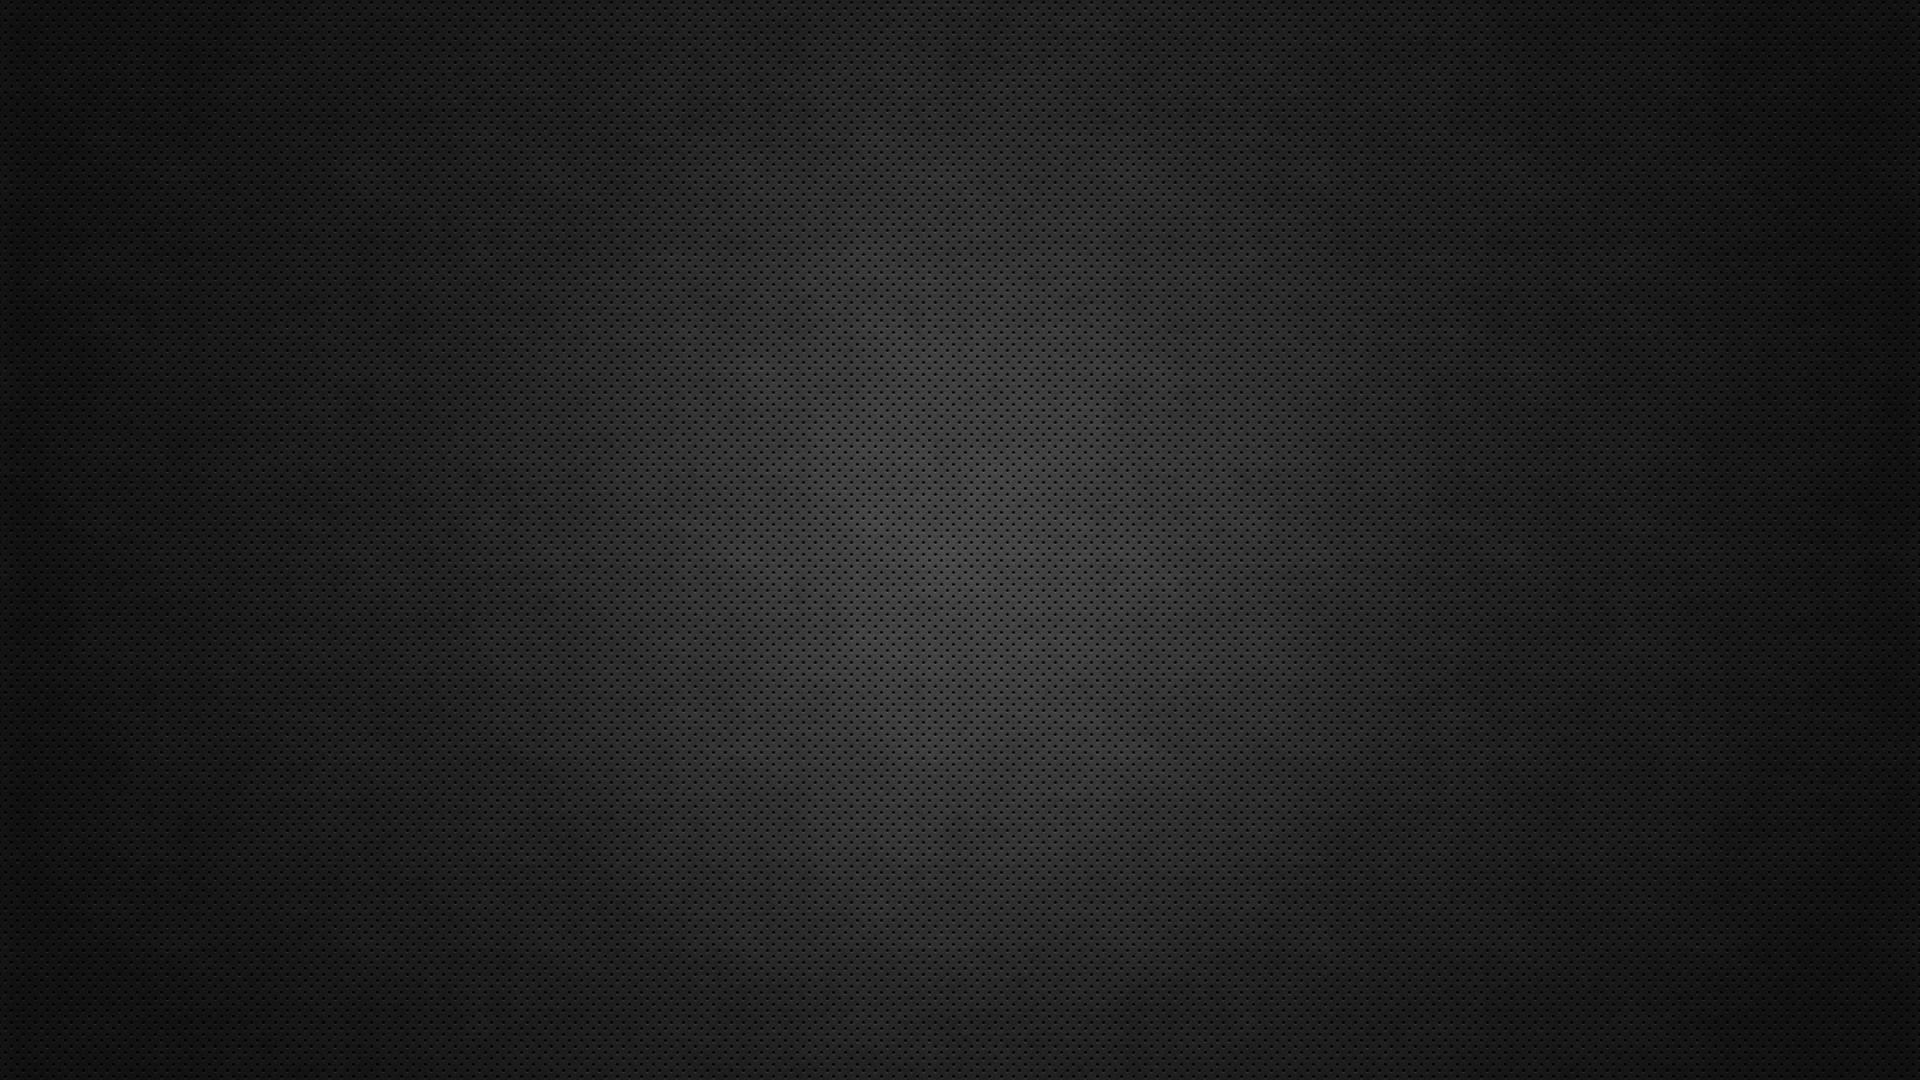 Fondo gris con textura - 1920x1080